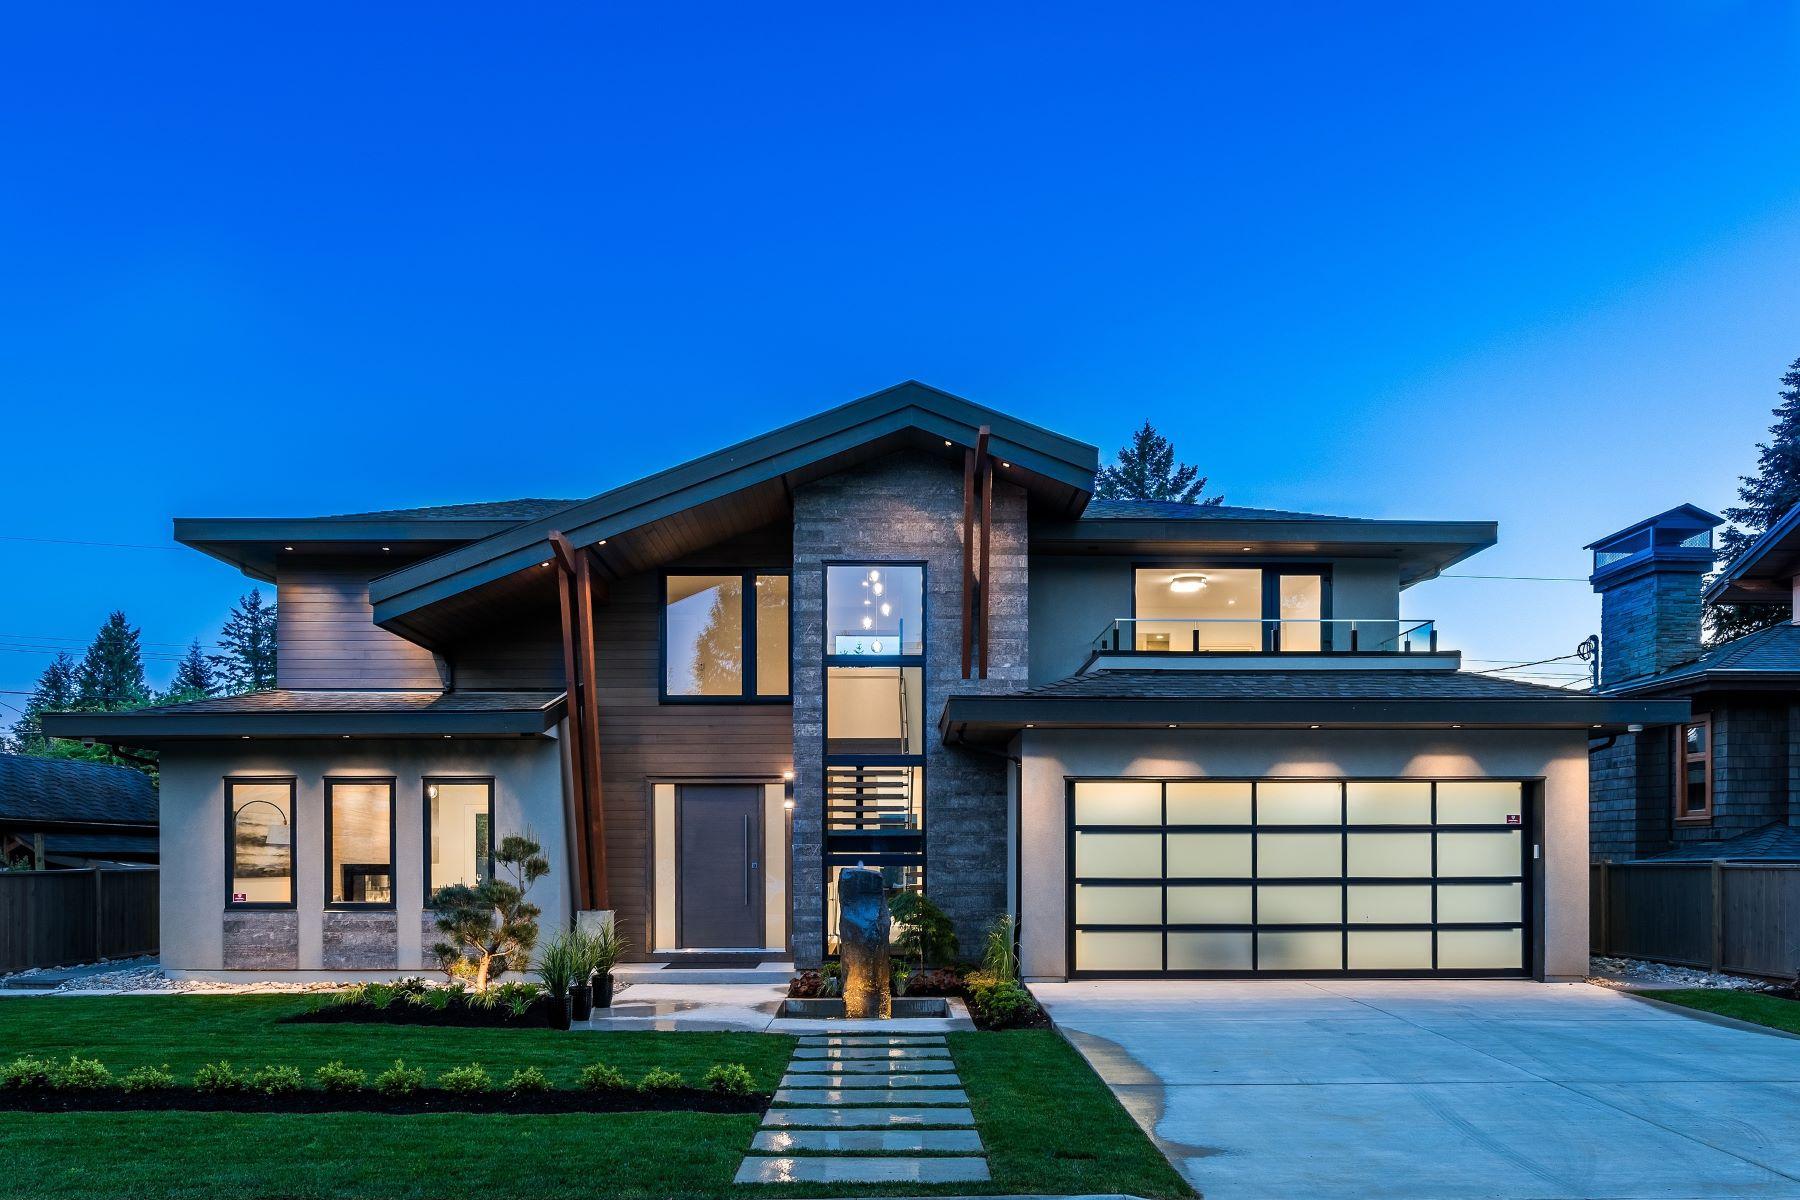 Частный односемейный дом для того Продажа на Edgemont Village Masterpiece 2851 Woodbine Drive North Vancouver, Британская Колумбия, V7R 2R9 Канада